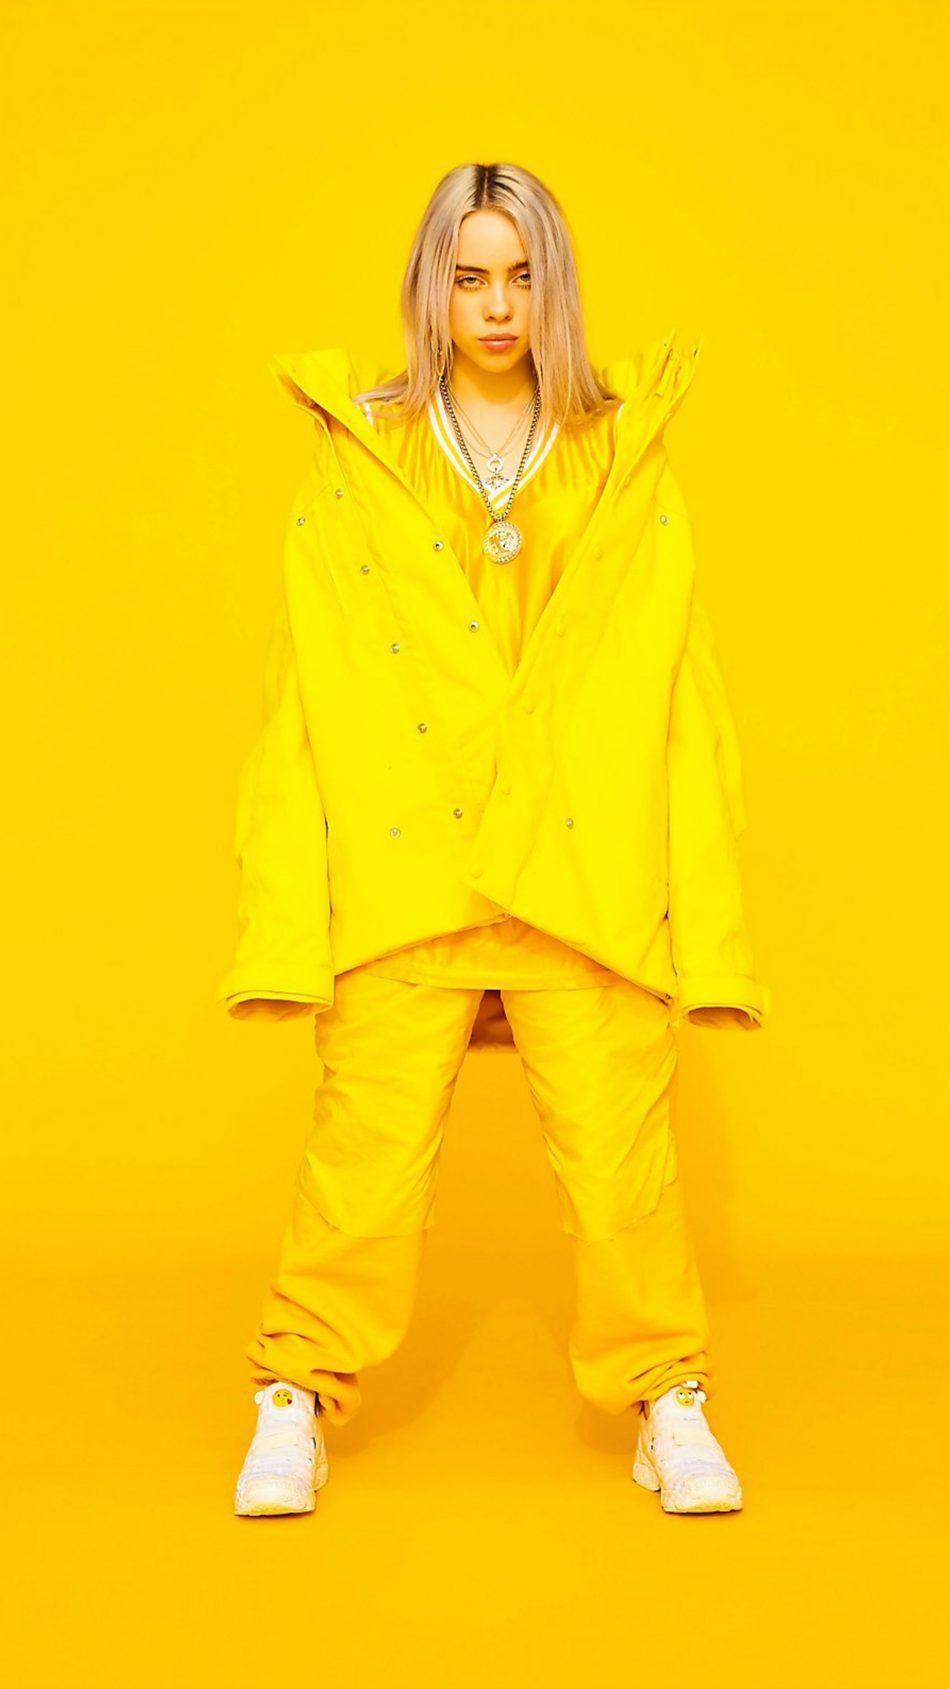 950x1689 Tải xuống Billie Eilish Yellow Yellow Background Miễn phí Pure 4K Ultra